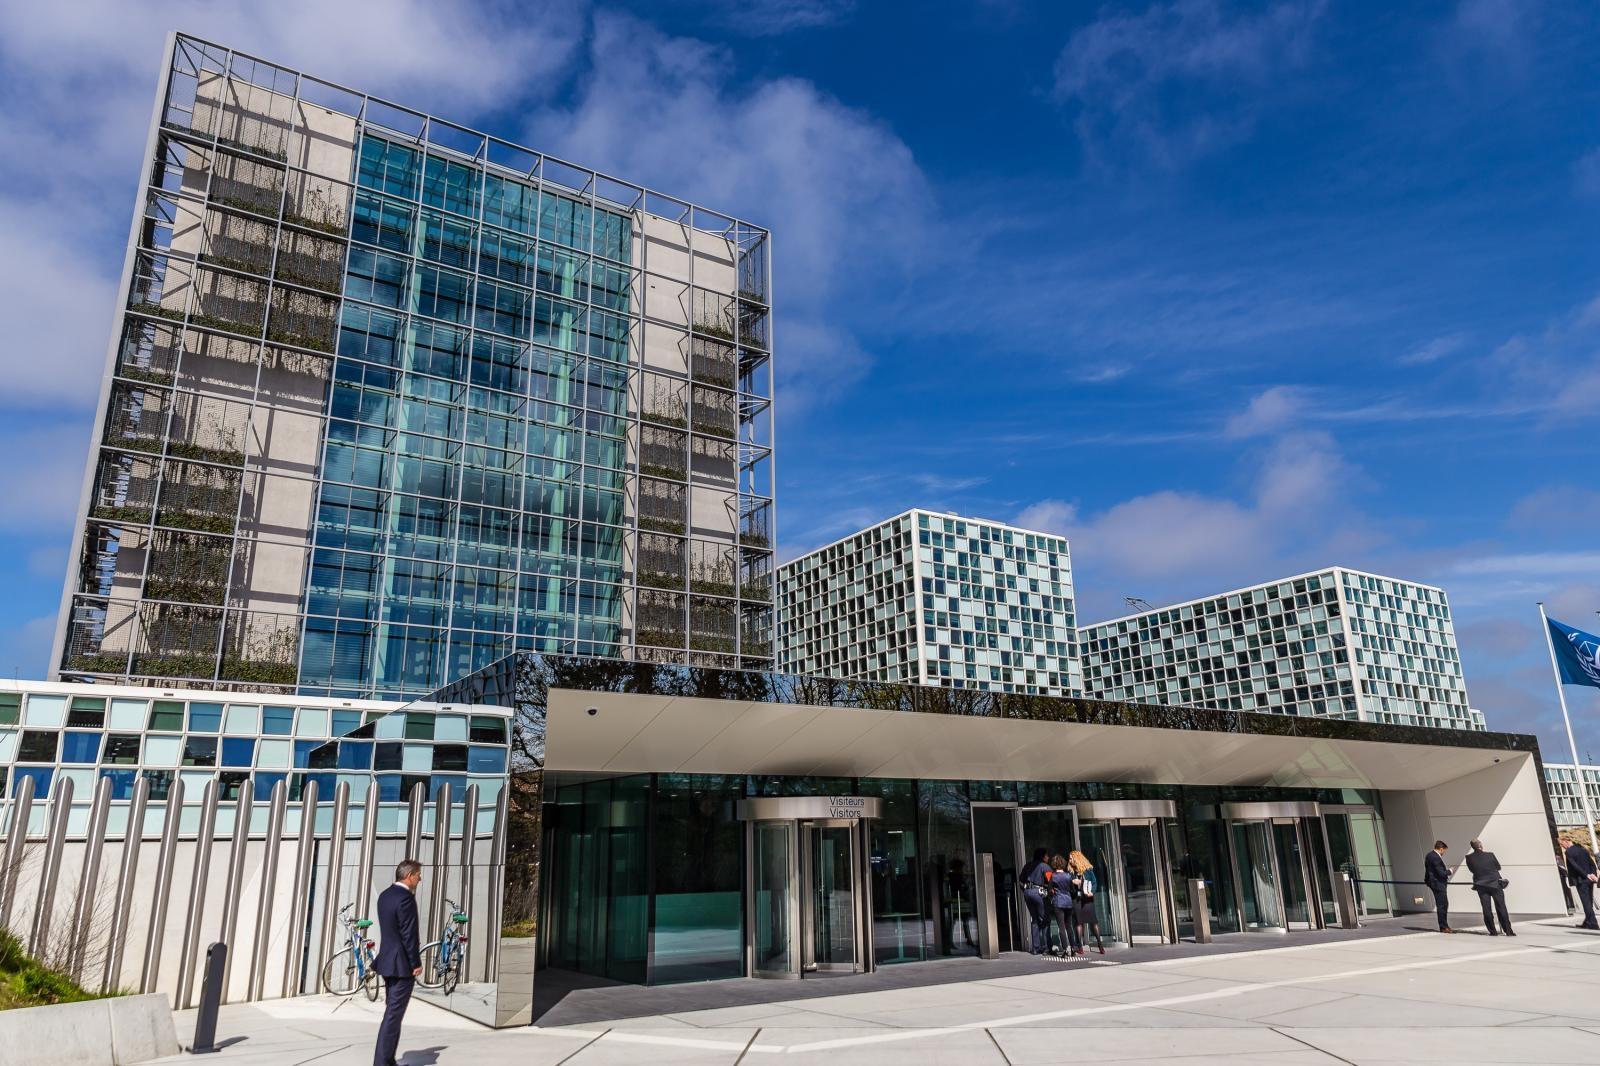 Mednarodno kazensko sodišče (ICC) v Haagu Vir:Pixell